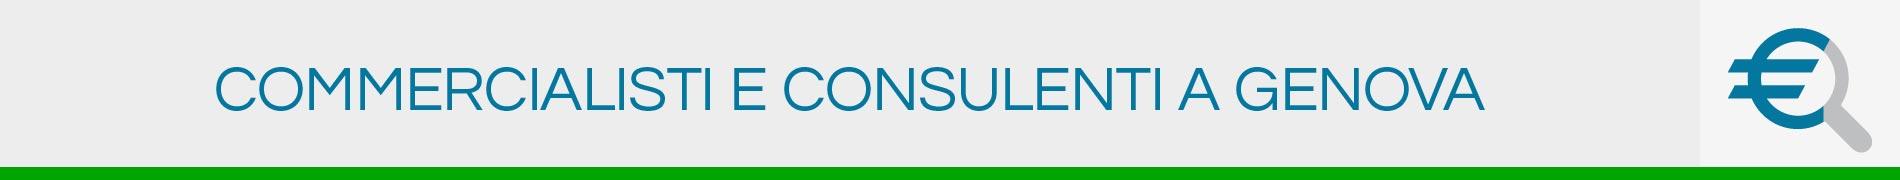 Commercialisti e Consulenti a Genova